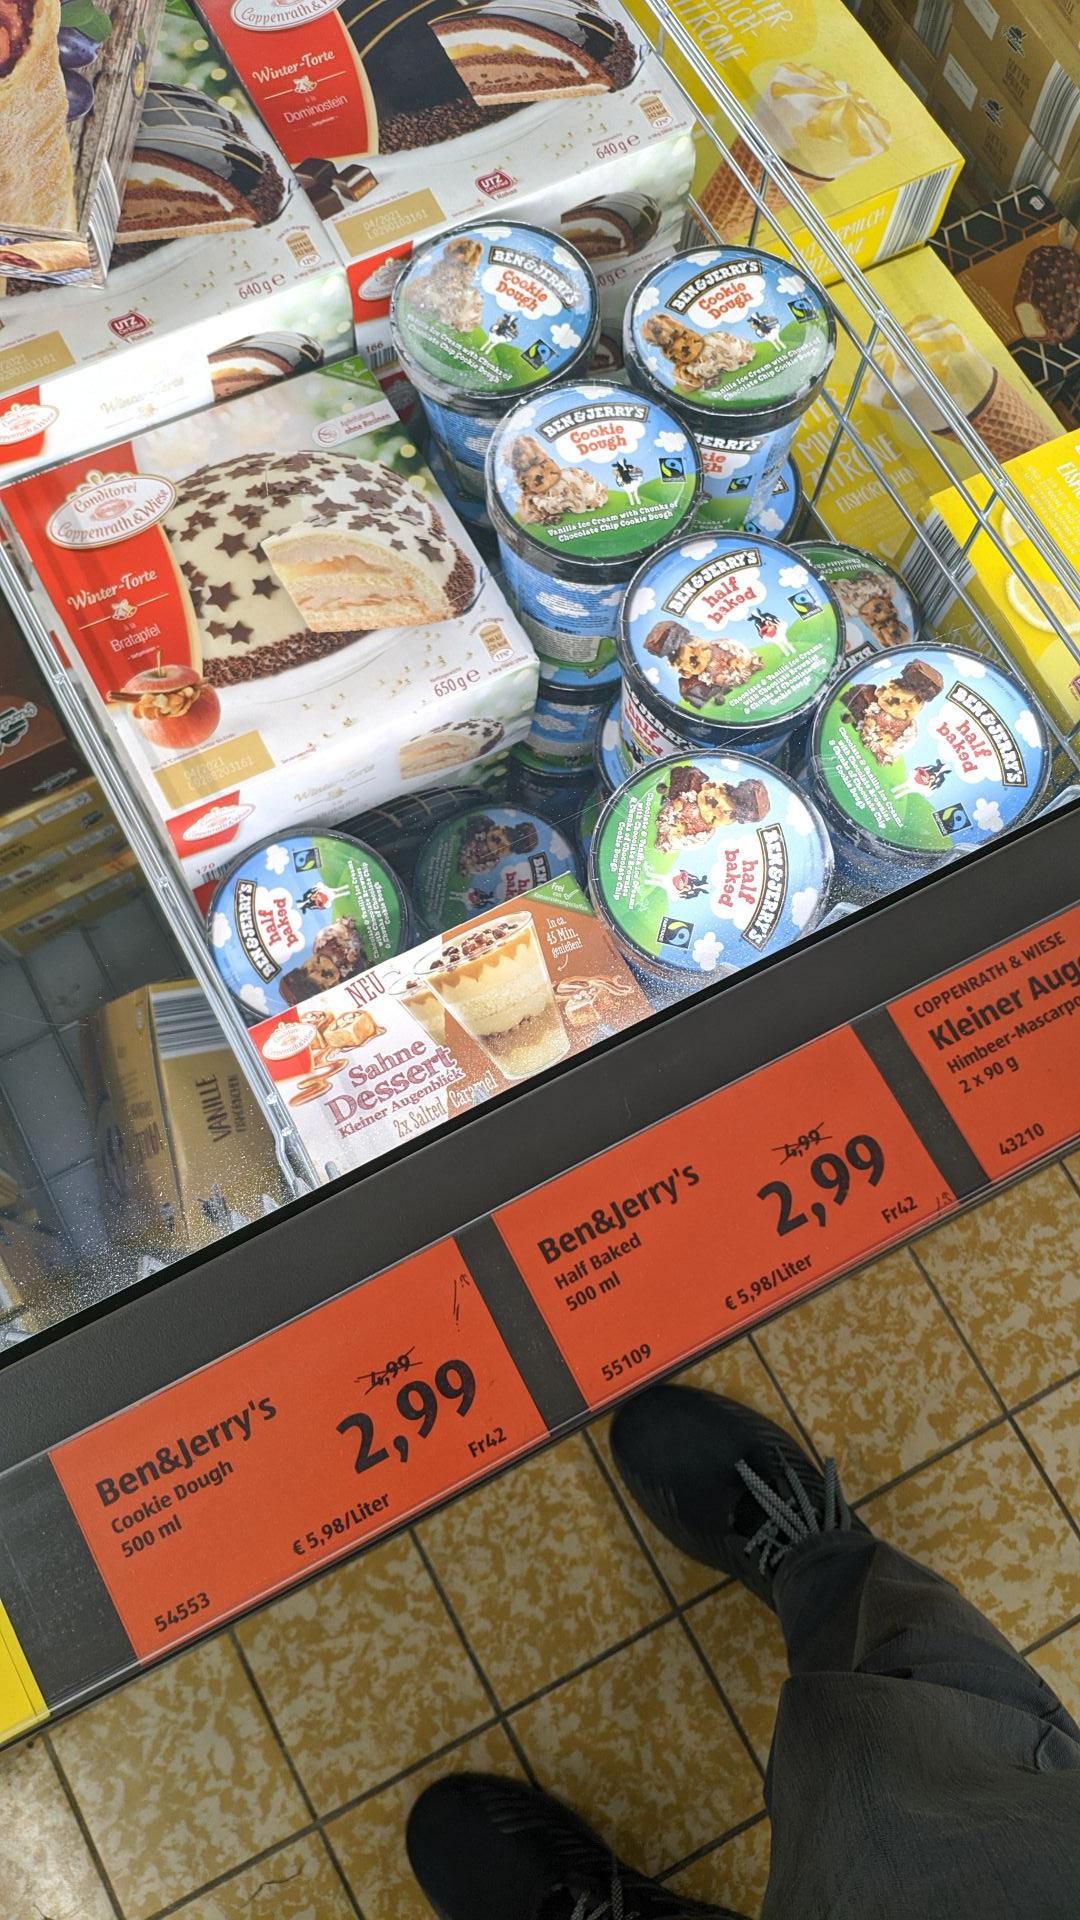 (LOKAL) Aldi Süd Limburg - Ben&Jerry's für 2,99€